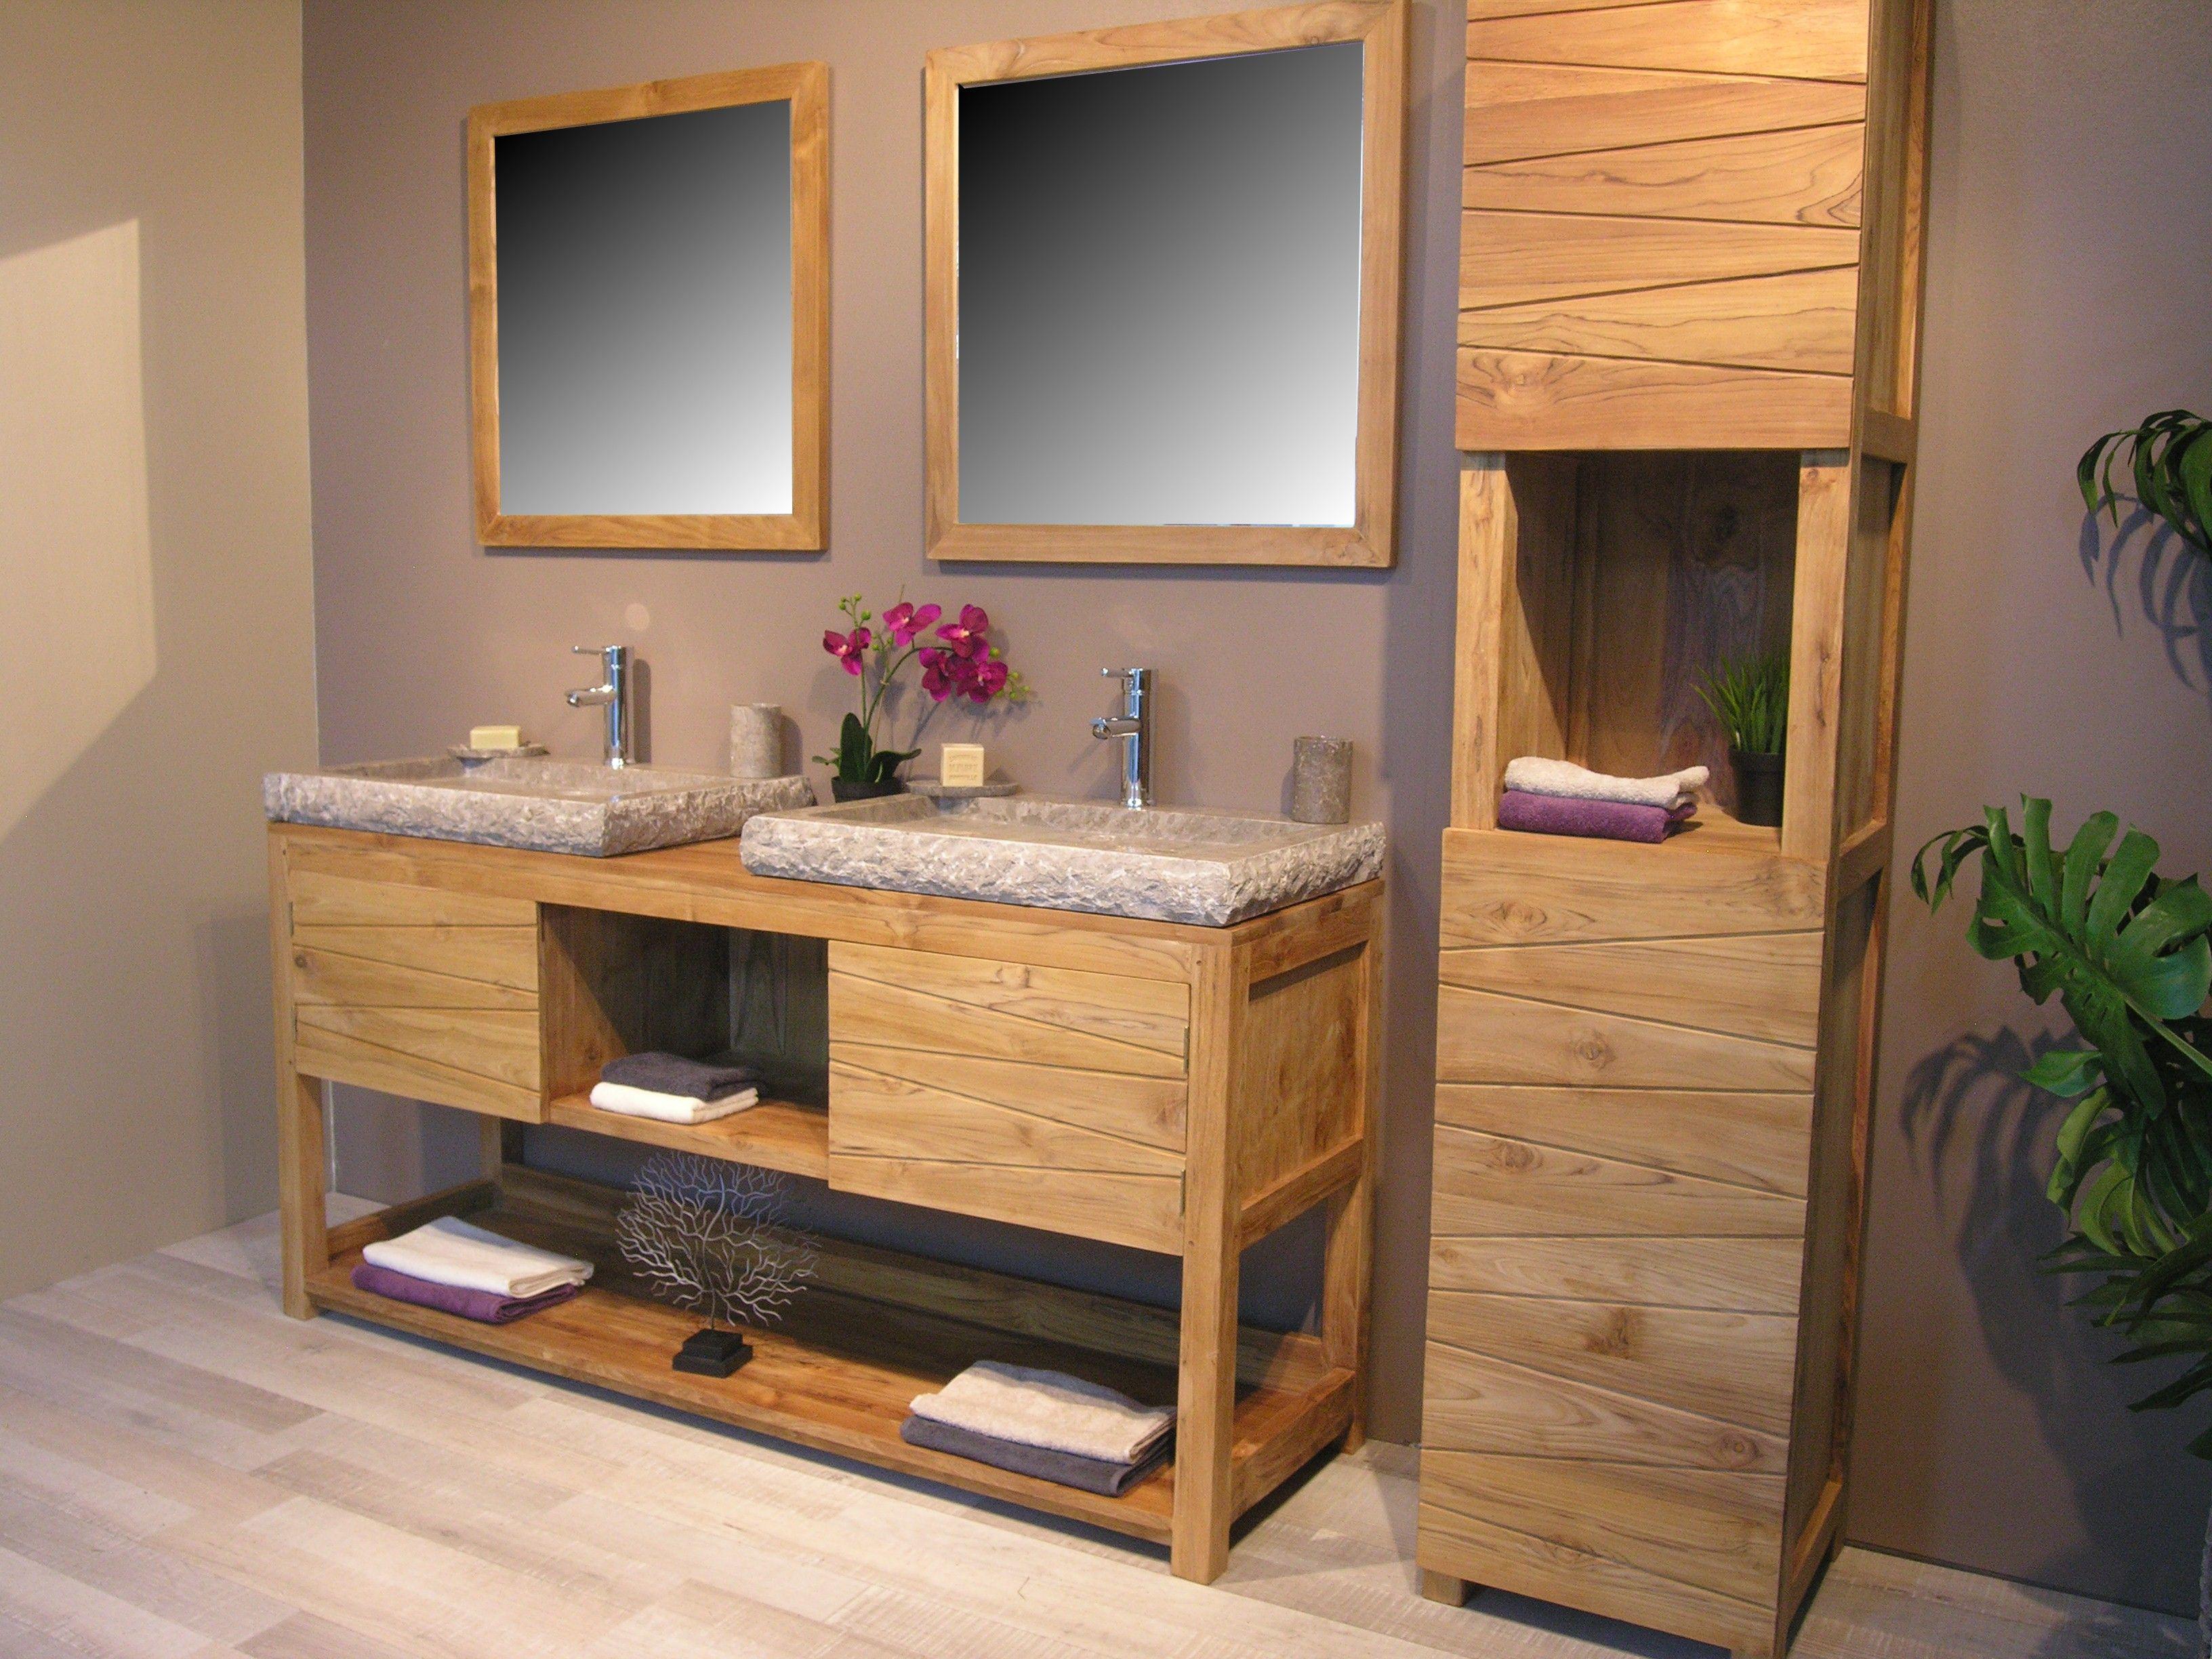 Lavabo totem Leroy Merlin Beau Collection Meuble Pour Vasque 32 Dsc 0350